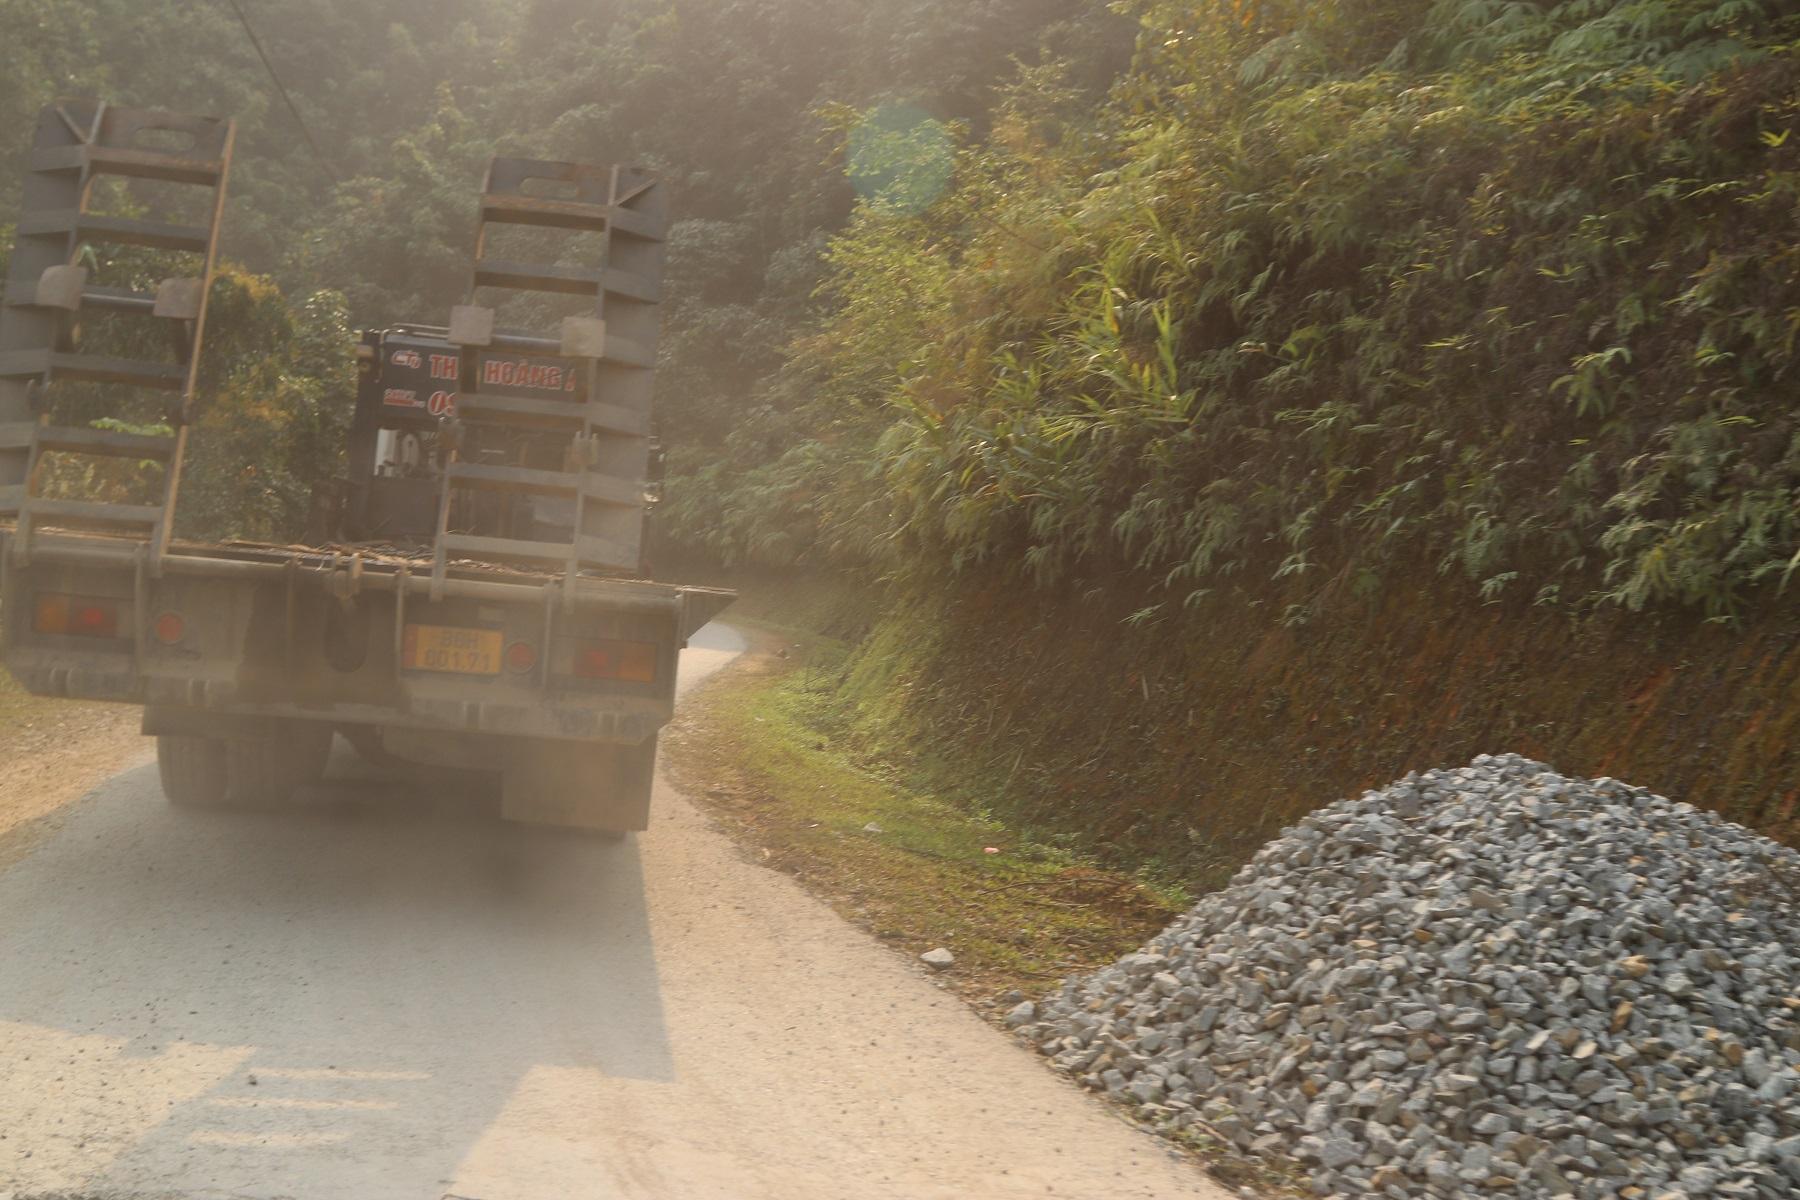 """Tuyến đường liên xã Bum Nưa - Pa Vệ Sử hằng ngày """"cõng"""" hàng chục chuyến xe trọng tải lớn để phục vụ các dự án thủy điện nhỏ trên dòng suối Nậm Sì Lường"""